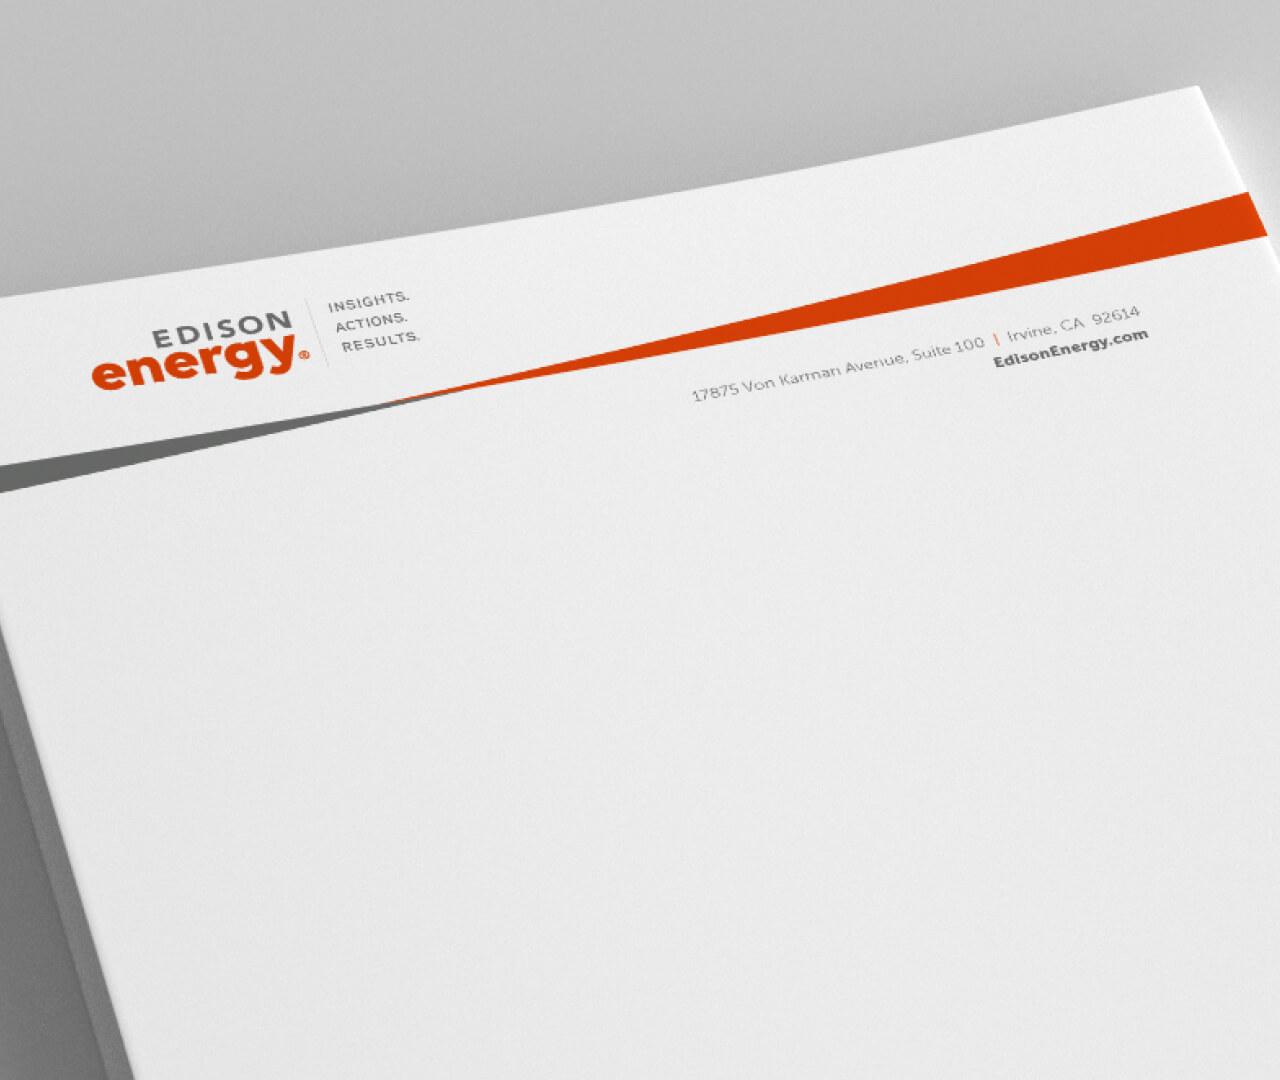 dtd edison new stationery2 image